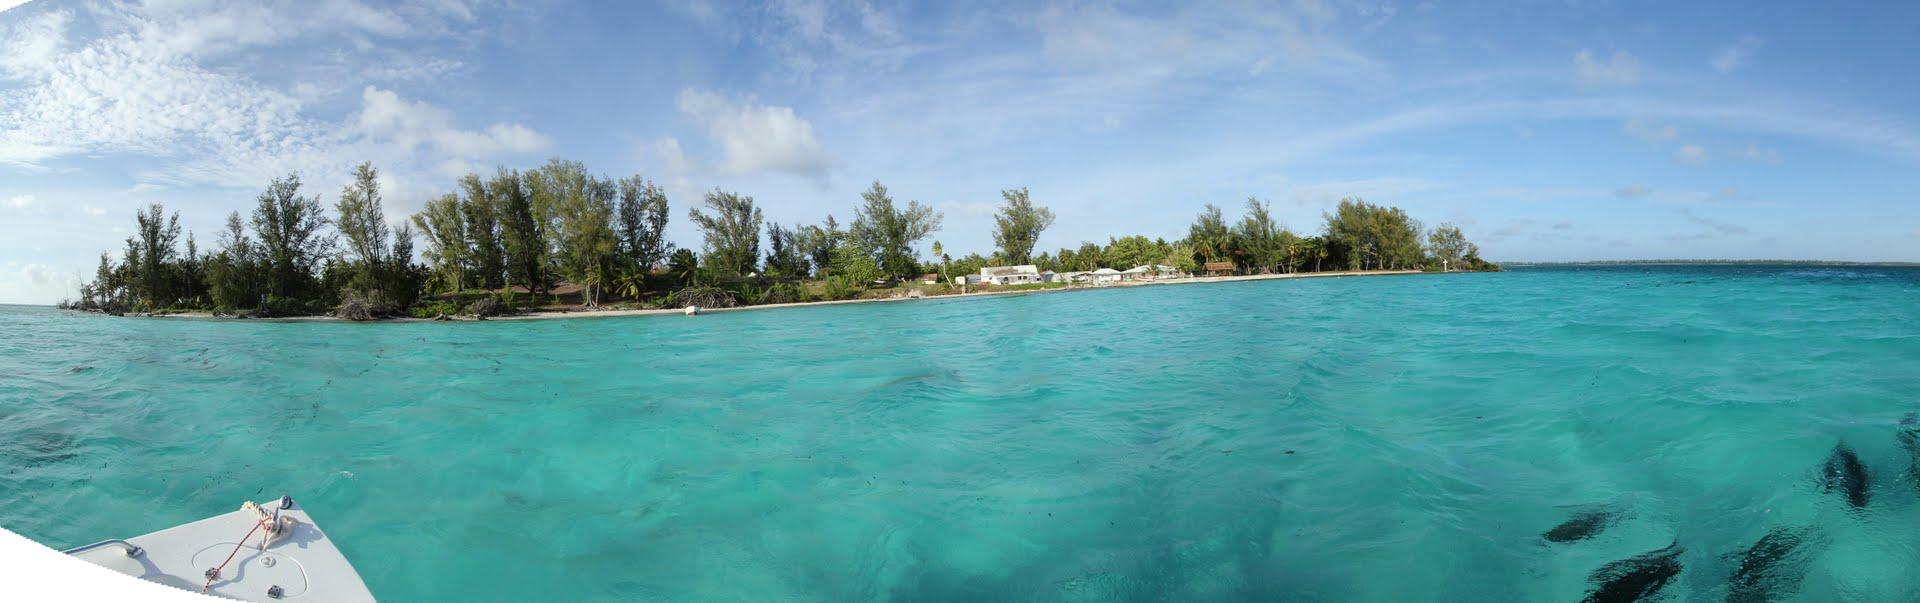 Village sur l'atoll FARQUHAR